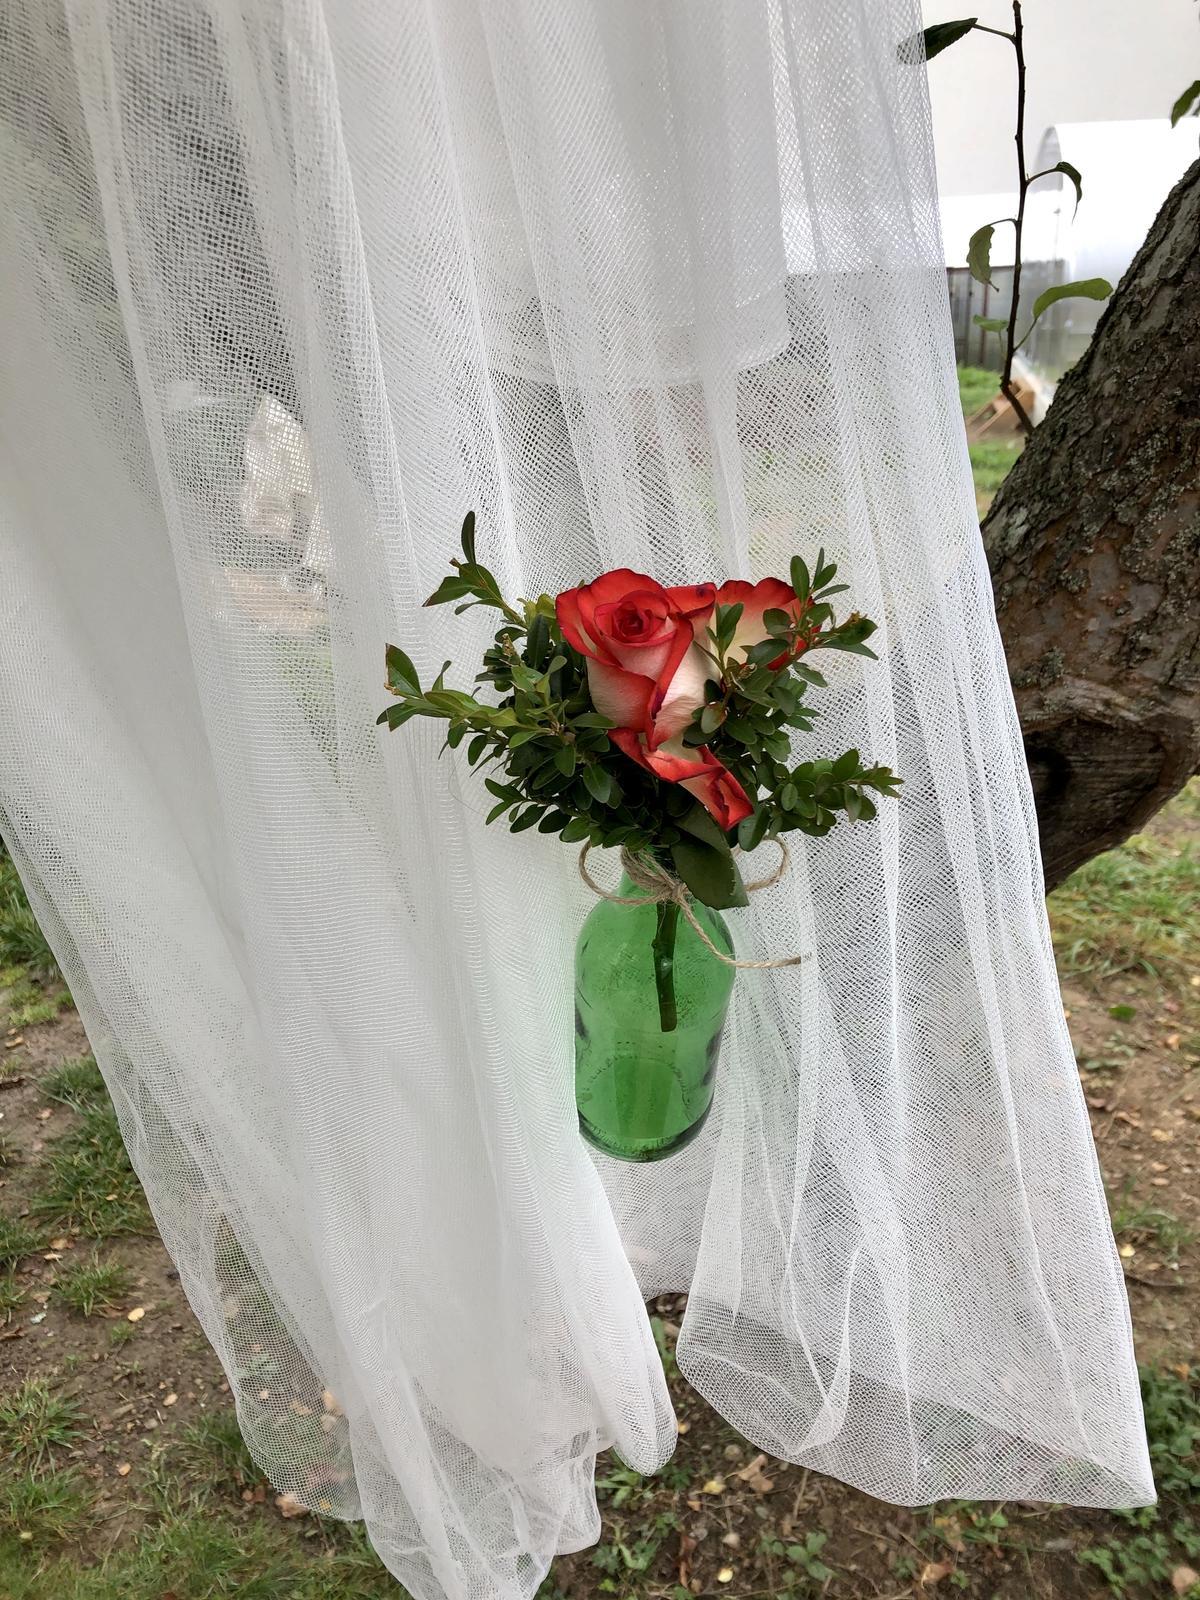 Svatební vázičky  30 ks - Obrázek č. 1